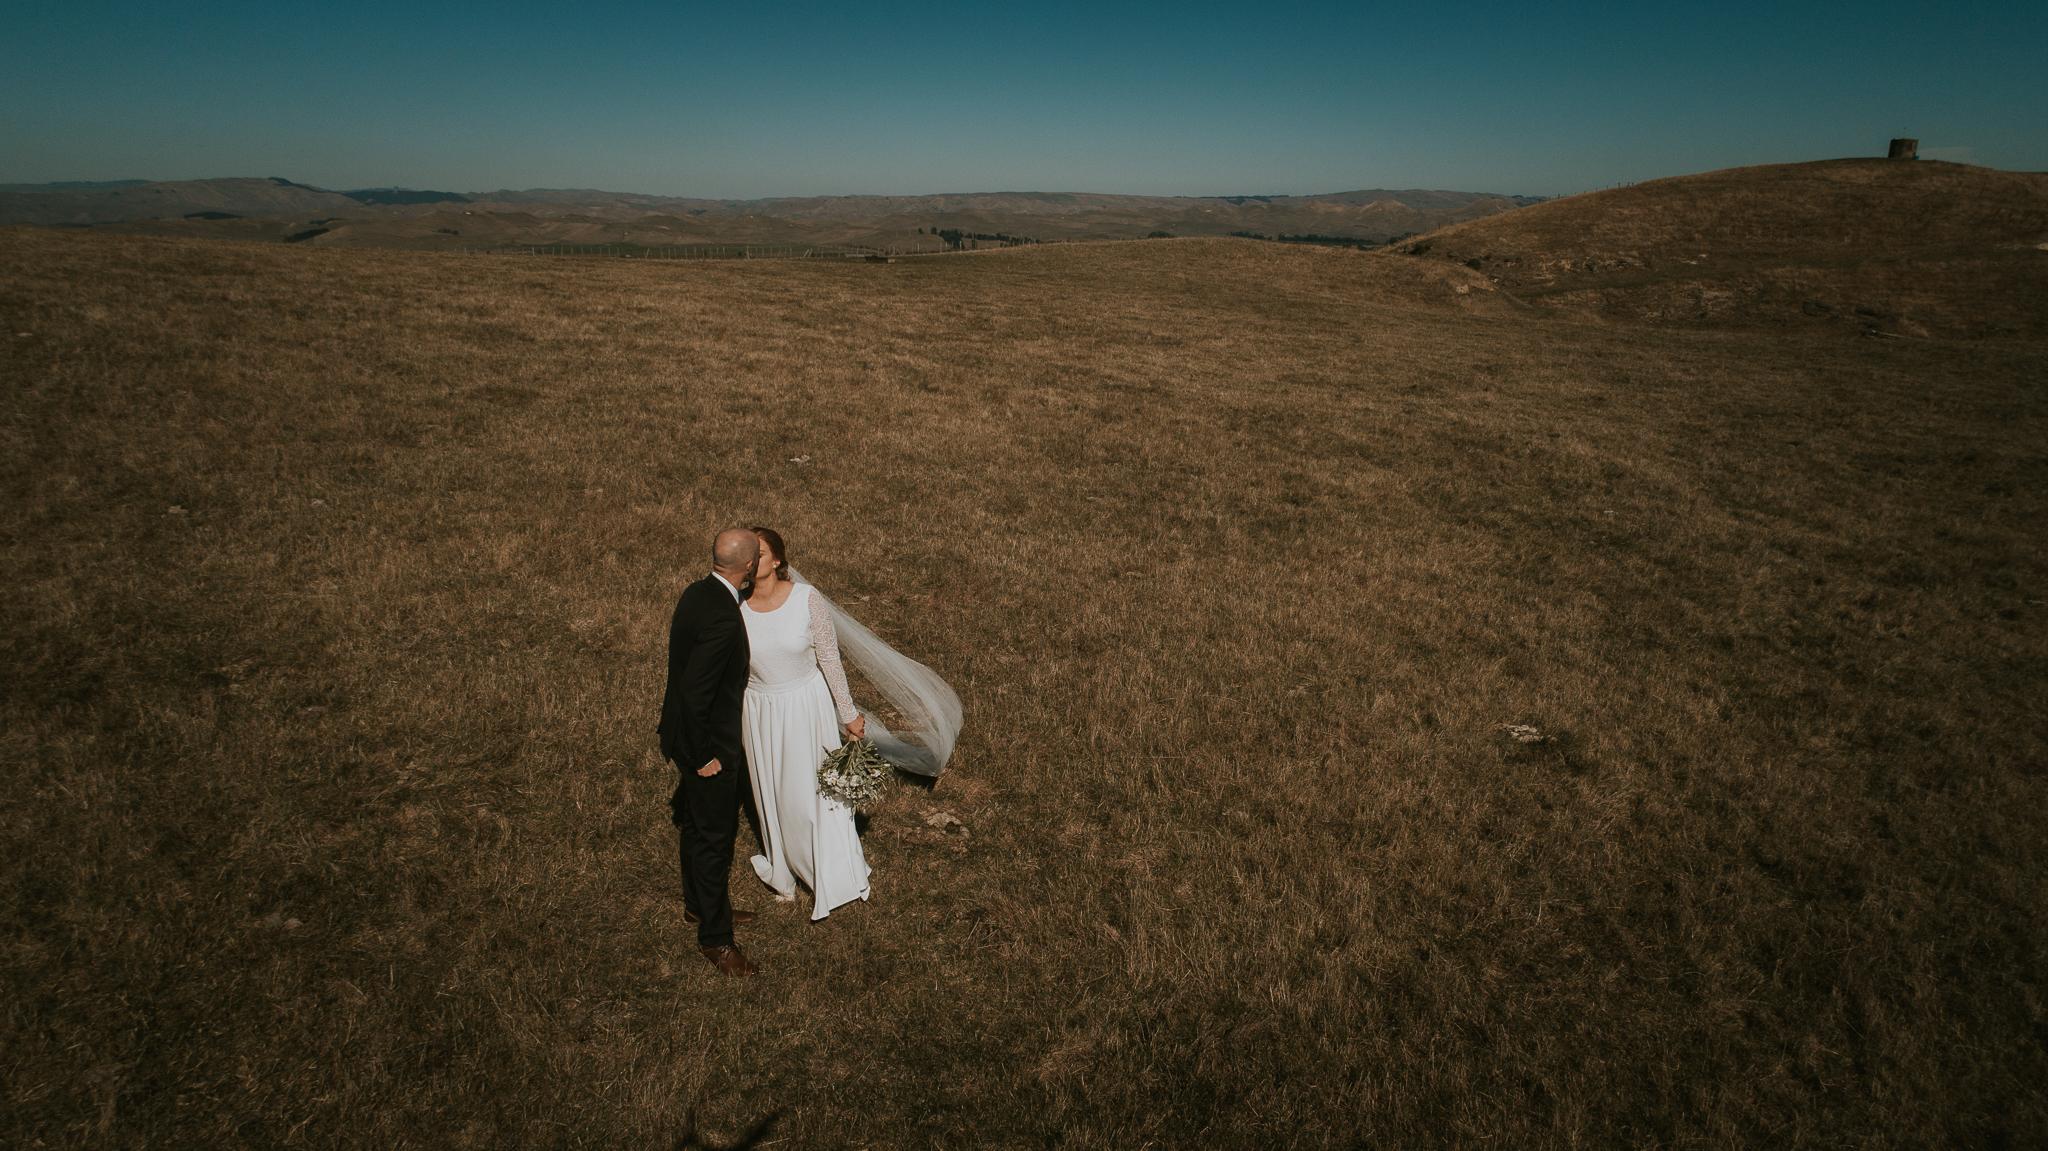 wedding photographer hawkes bay , Lisa Fisher Photography, Selini Winery Wedding -88.jpg